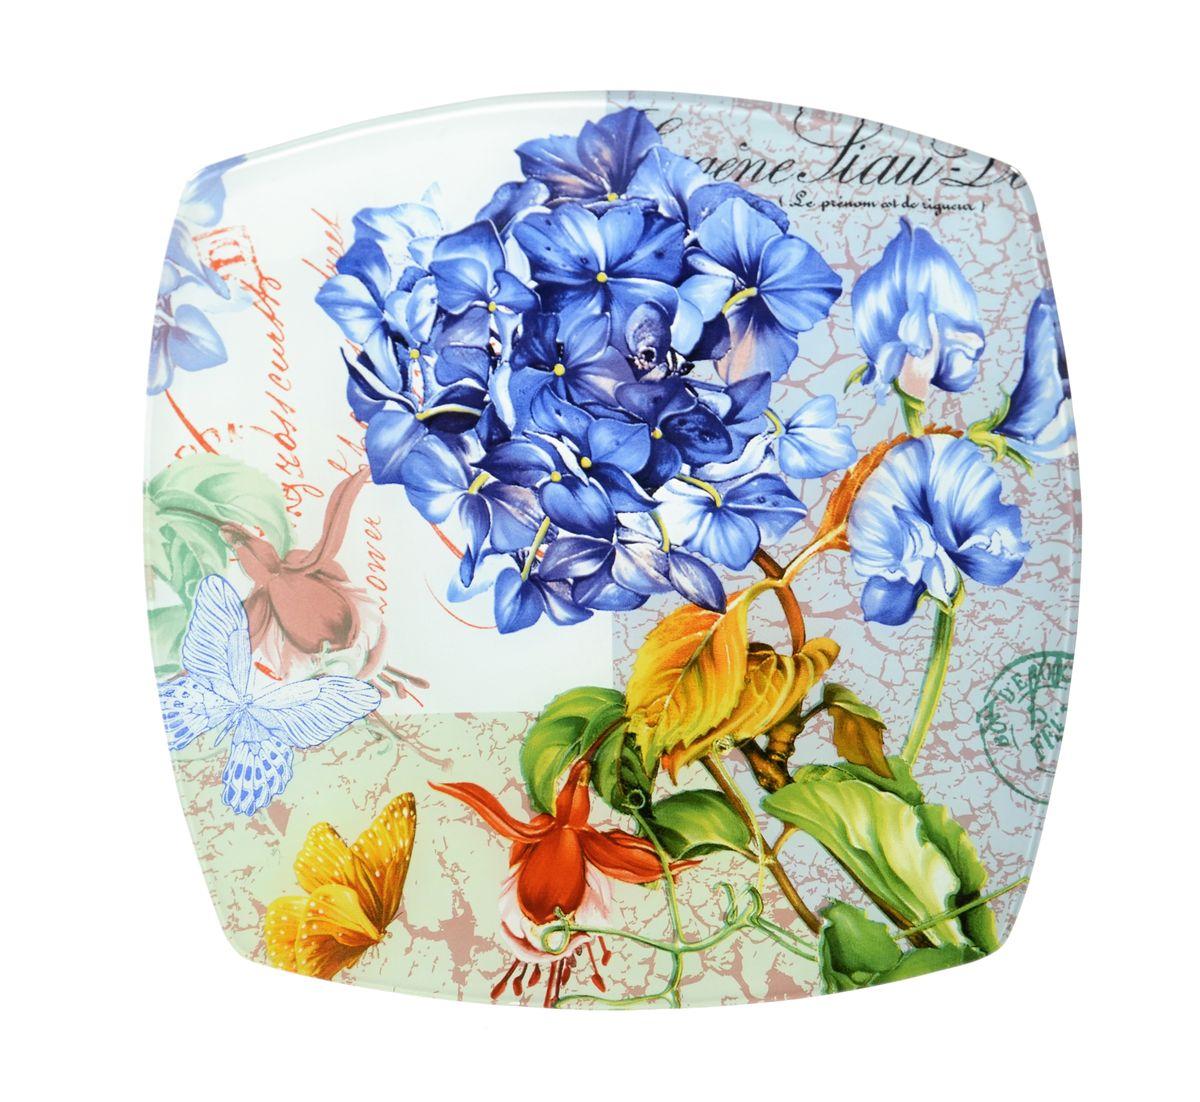 Тарелка Zibo Shelley Флоксы, 25 х 25 смZSFL350010BКвадратная тарелка Zibo Shelley Флоксы, изготовленная из стекла, декорированаярким изображением цветов. Она не только украсит сервировку вашего стола и подчеркнетпрекрасный вкусхозяина, но и станет отличным подарком.Можно использовать в посудомоечной машине и СВЧ. Размер по верхнему краю: 25 см х 25 см.Высота: 1,9 см.